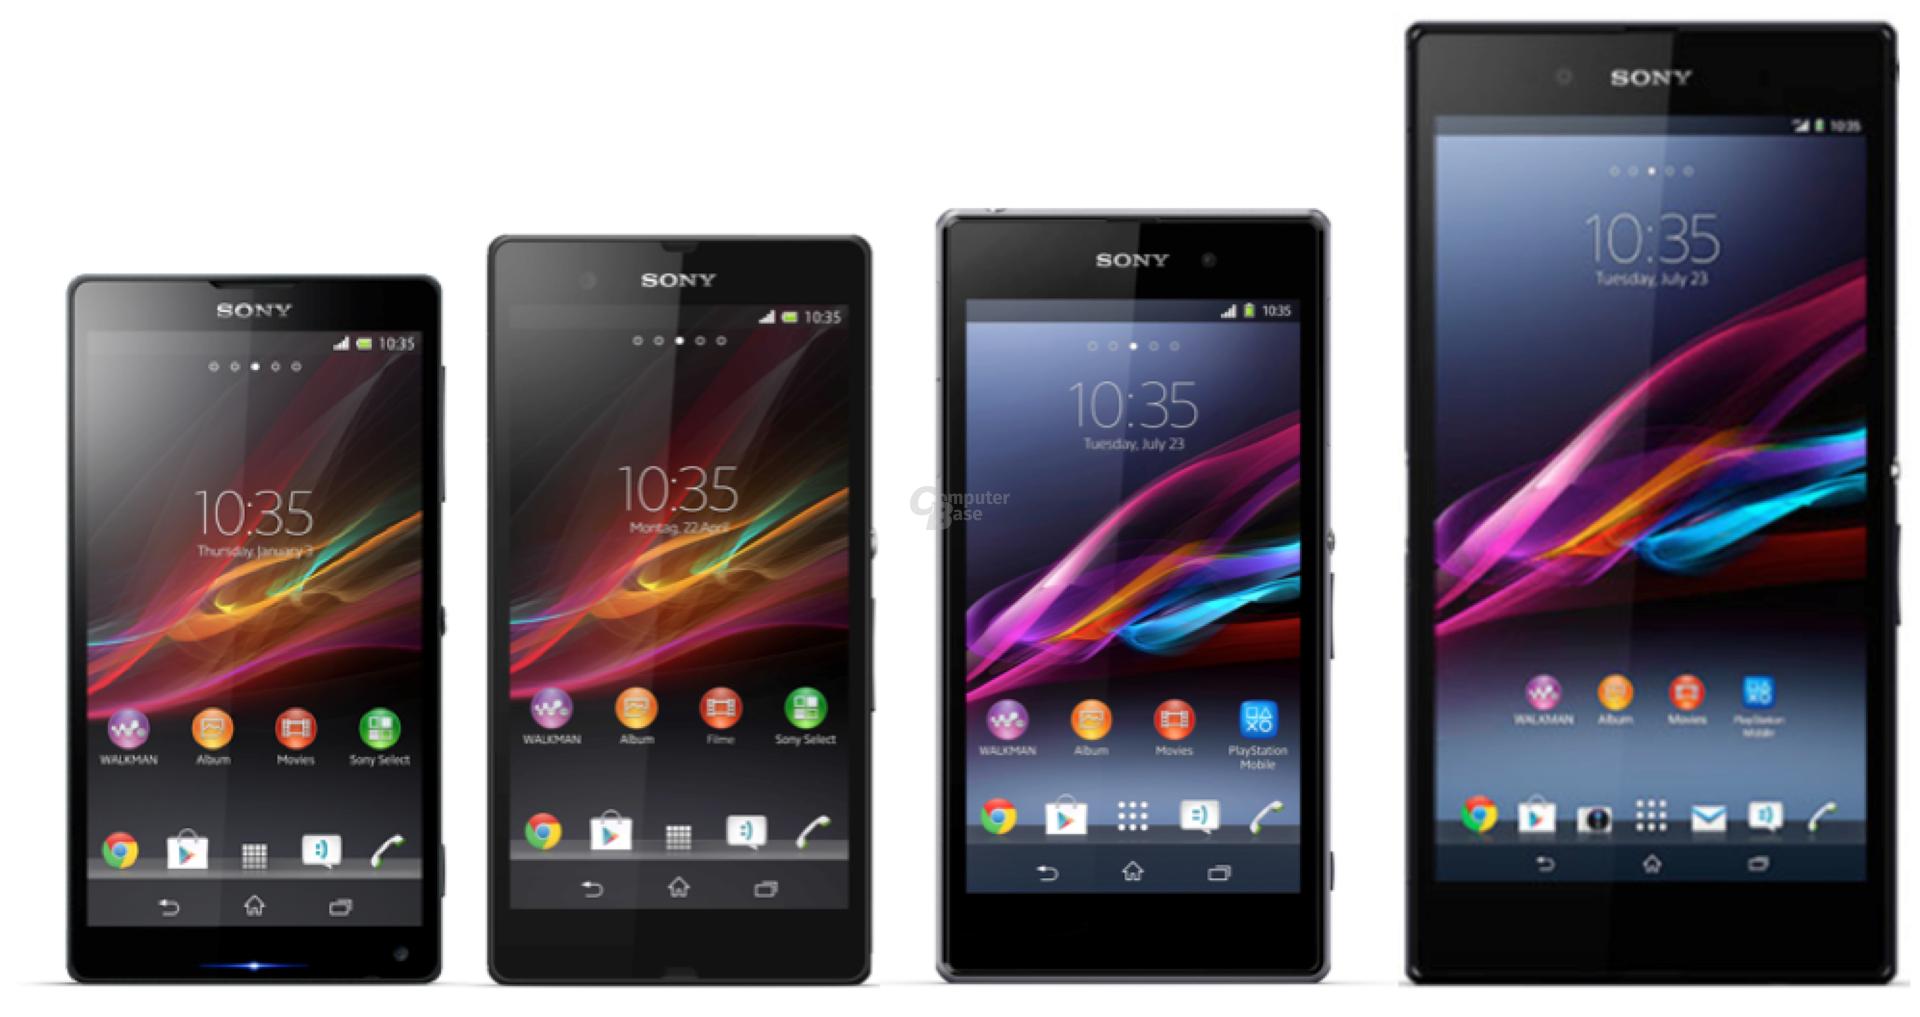 Sony Xperia ZL, Z, Z1 und Z Ultra im Vergleich (v.l.n.r.)